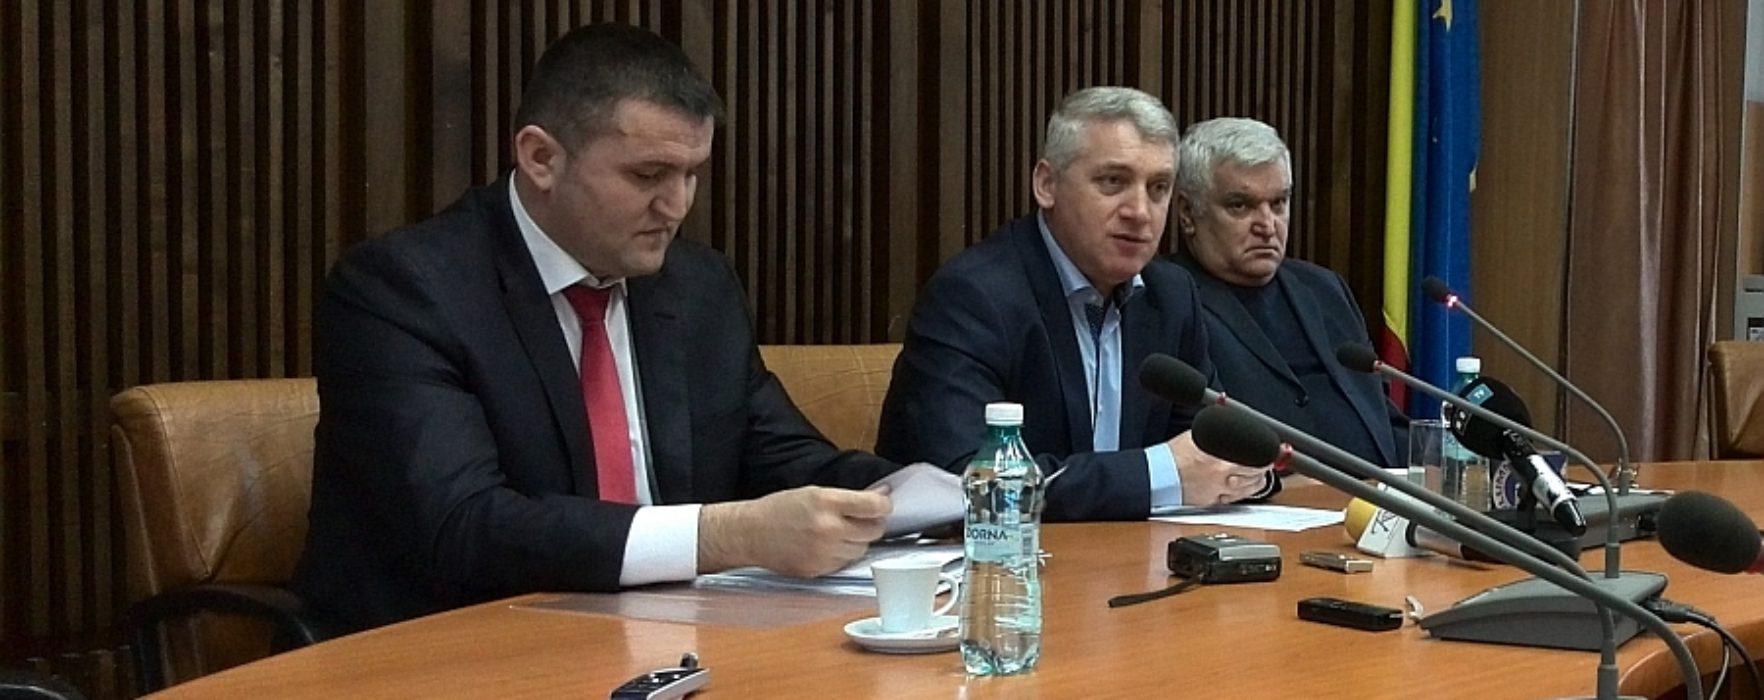 Claudiu Mănescu, noul director al Direcției Județene pentru Tineret şi Sport Dâmbovița